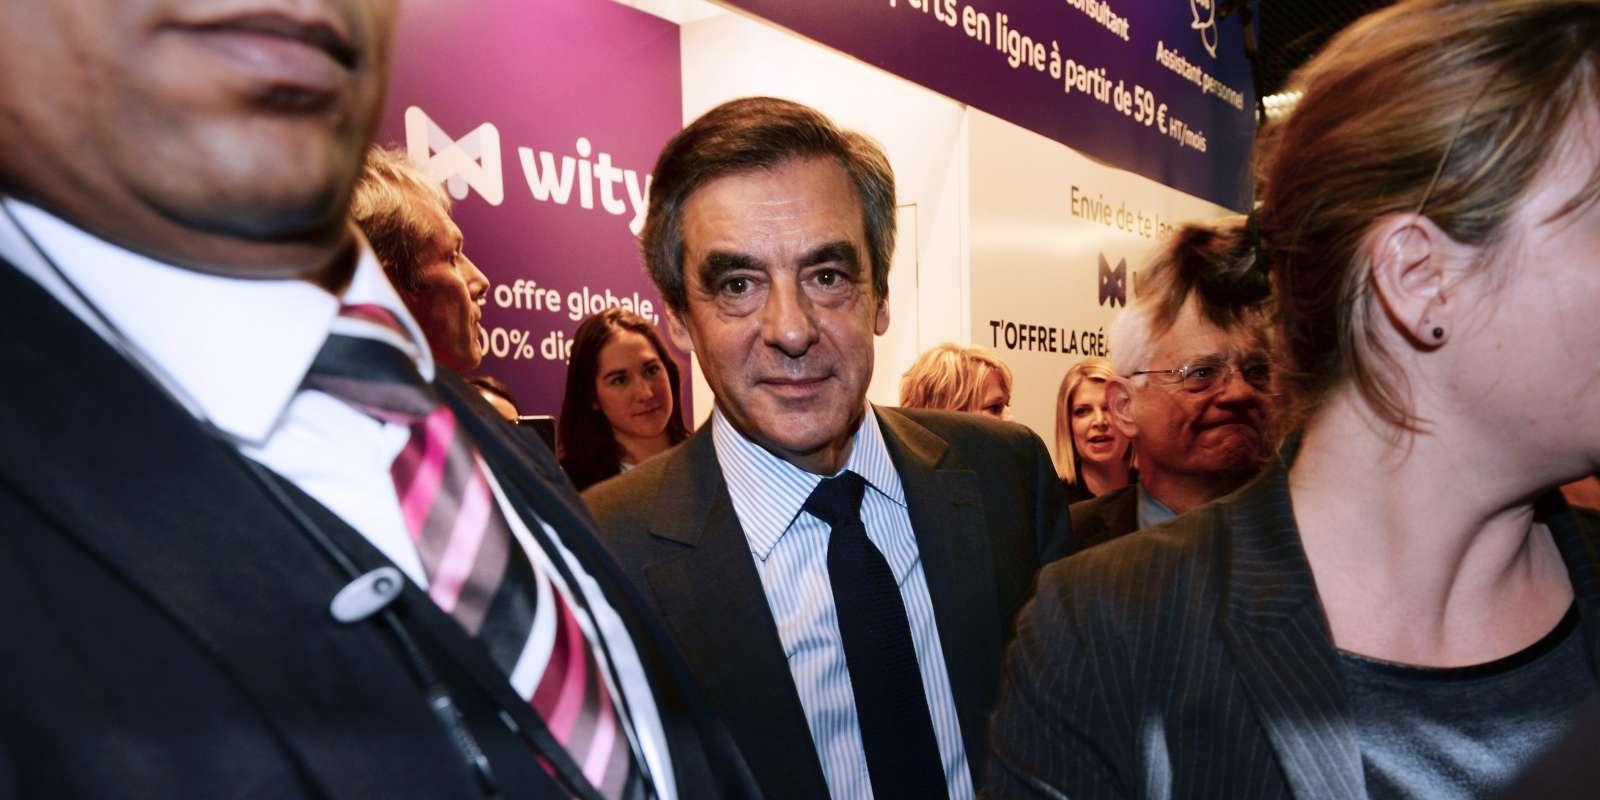 Le 1er février au Salon des entrepreneurs à Paris.